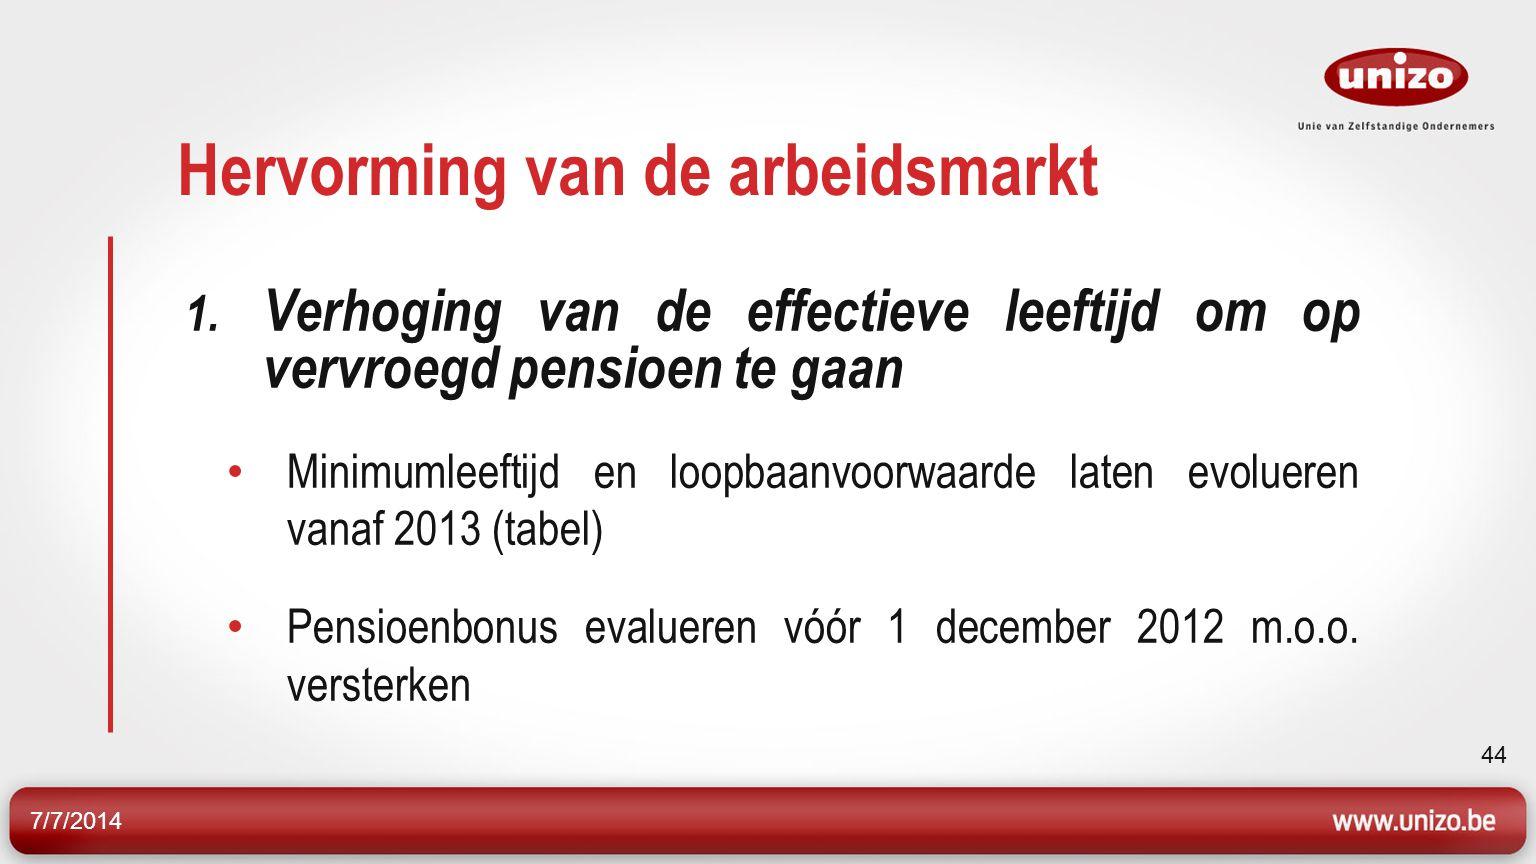 7/7/2014 44 Hervorming van de arbeidsmarkt 1.